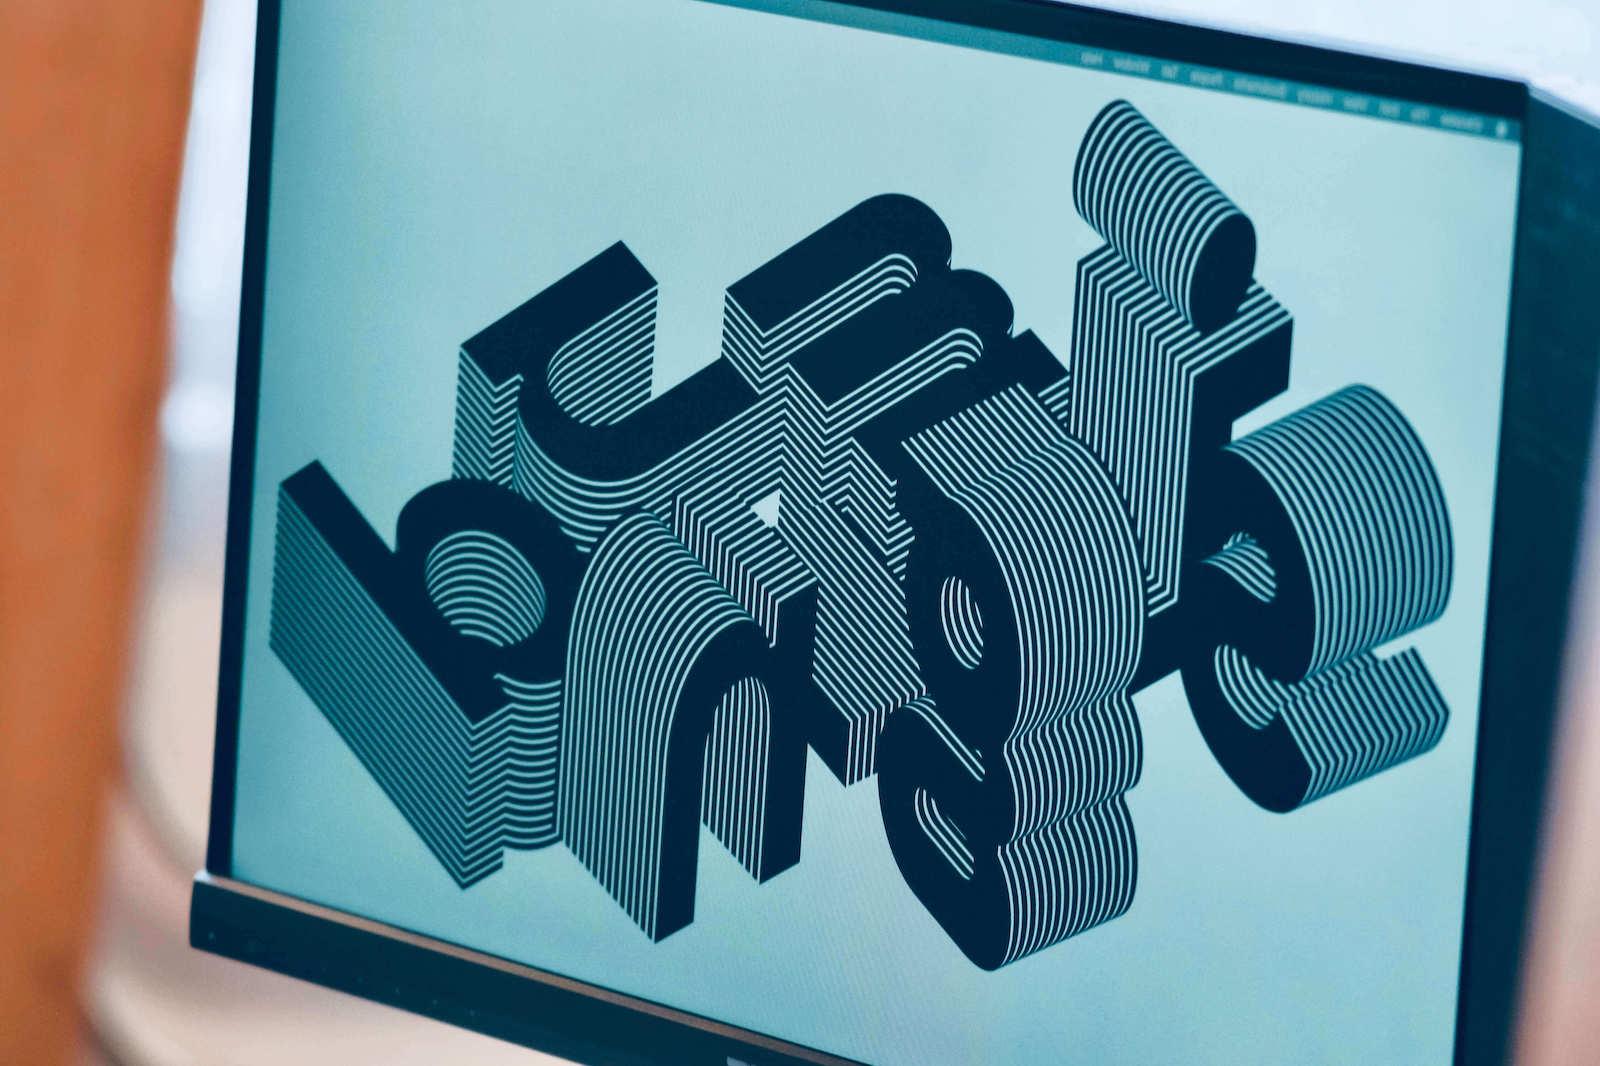 предпечатная подготовка текста перевод шрифтов в кривые в иллюстраторе индизайне корале фотошопе